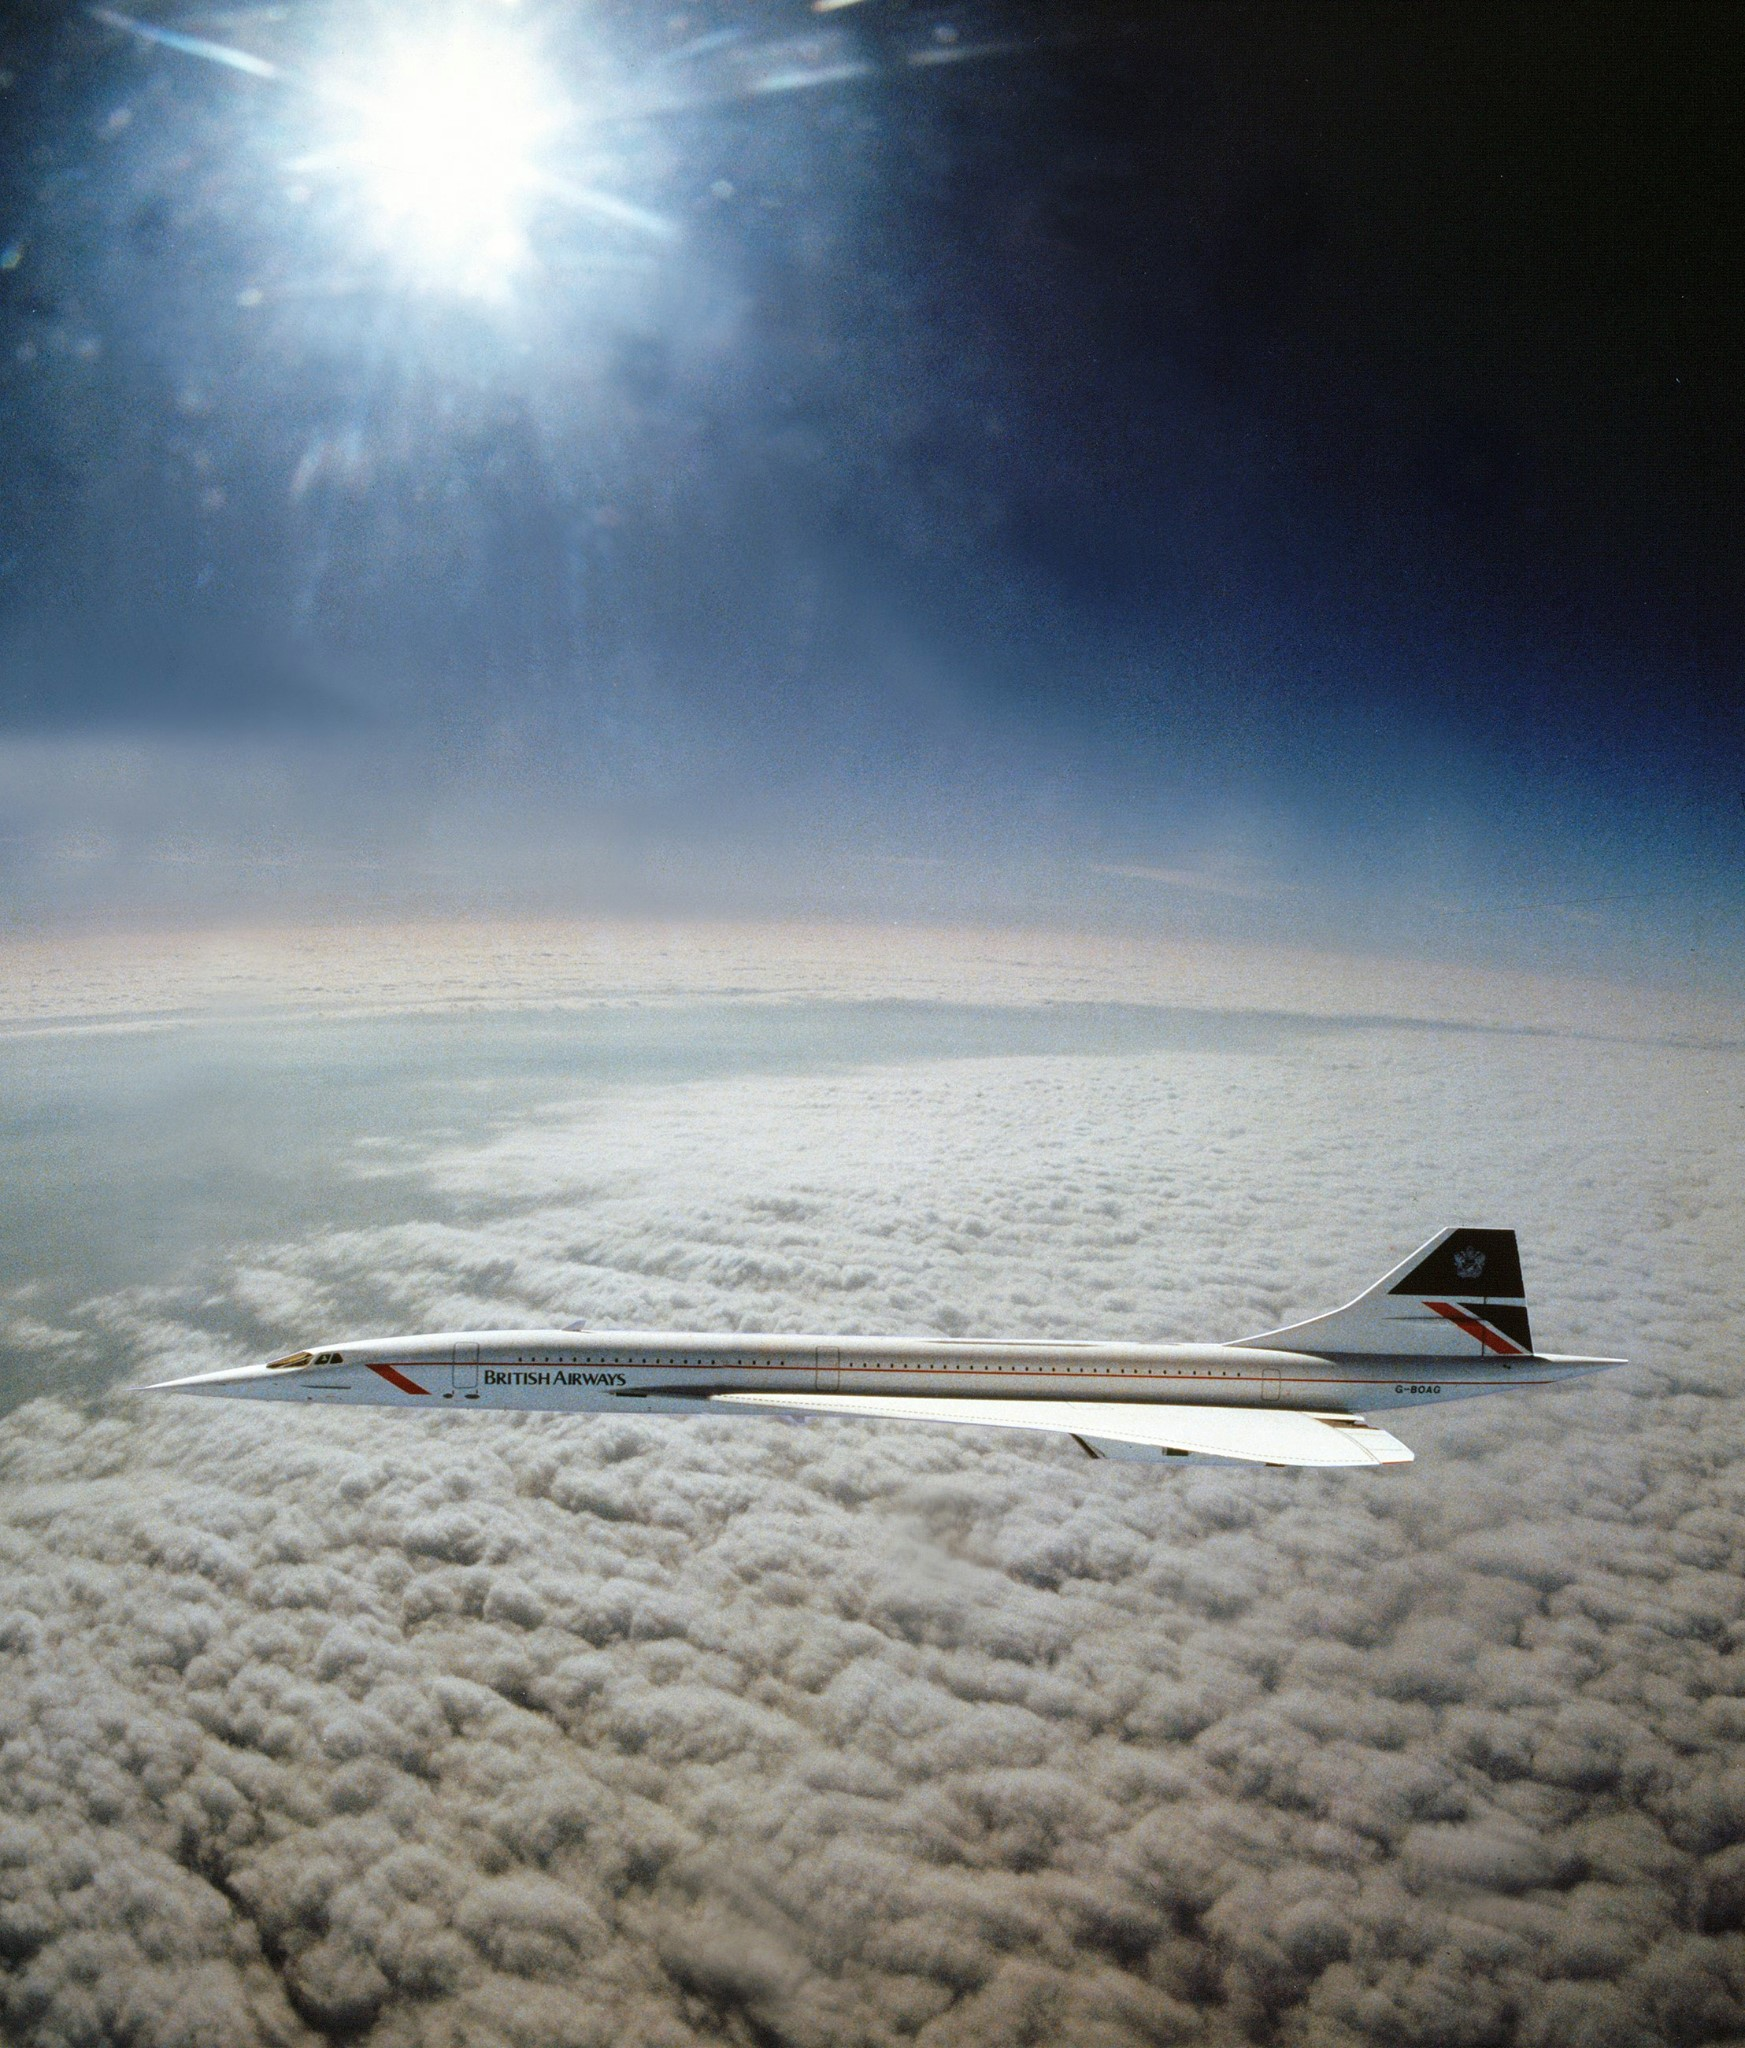 Concorde at Mach 2